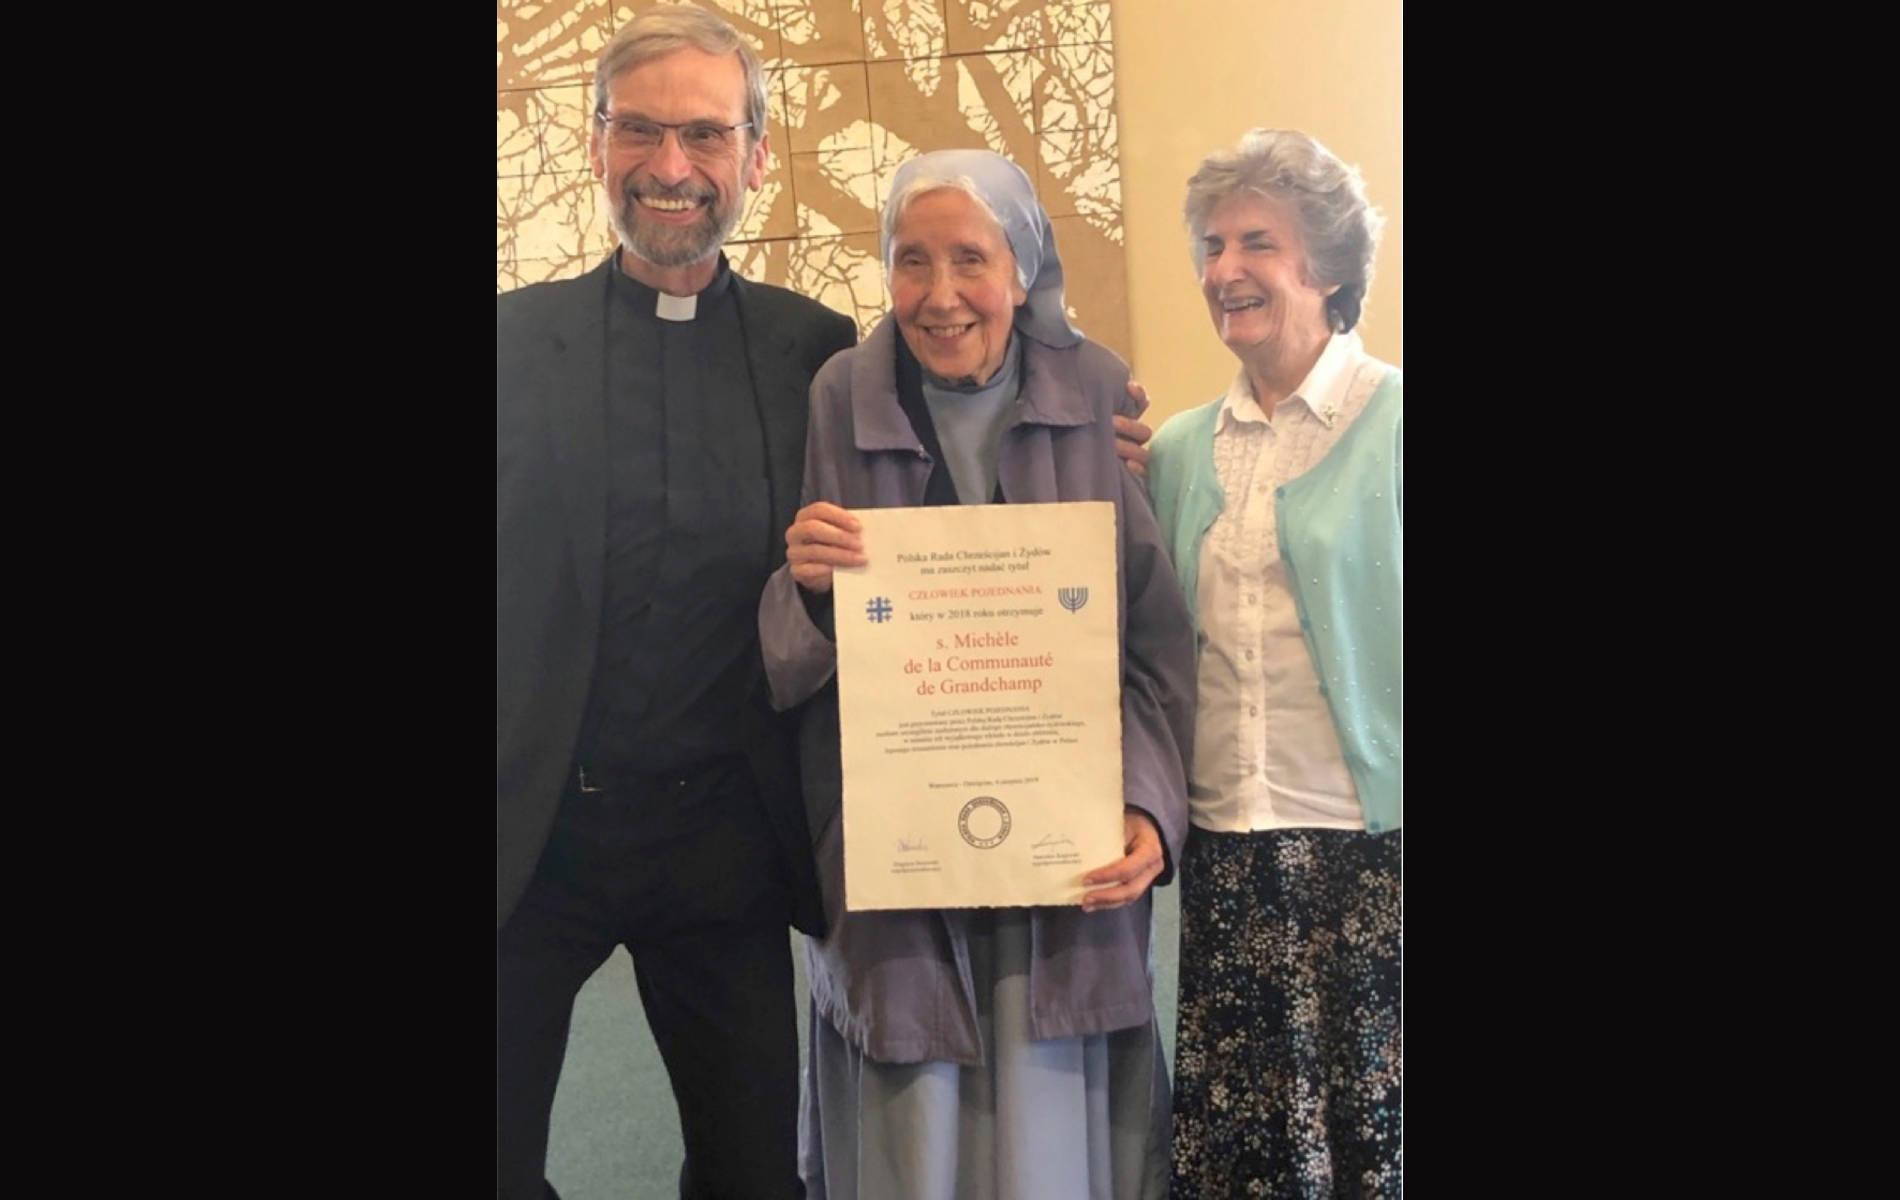 Siostra Michèle (Irene Müller) - Człowiek Pojednania za rok 2018